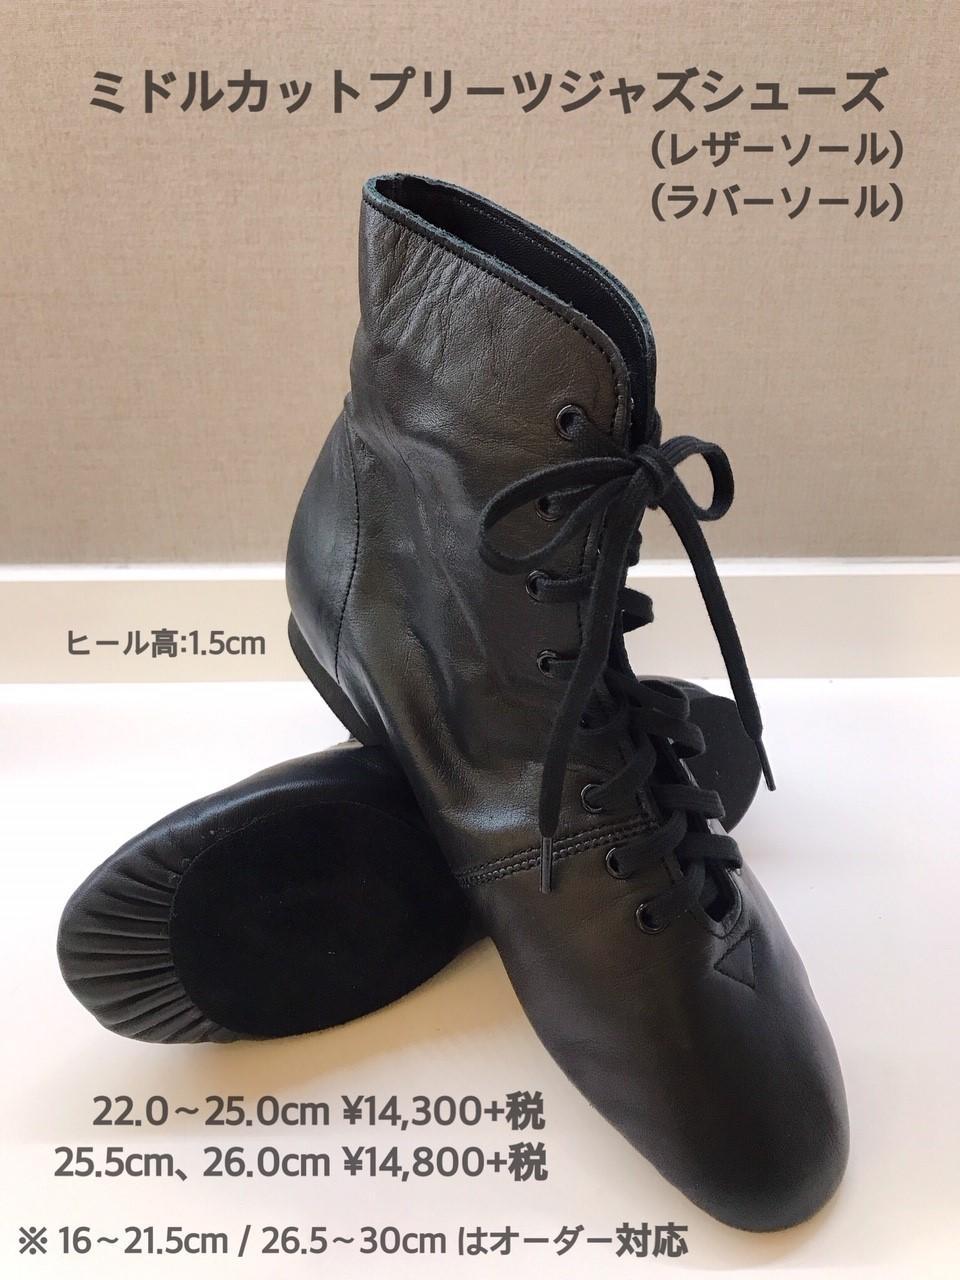 ブログ用ミドルカットプリーツシャズシューズ.jpg